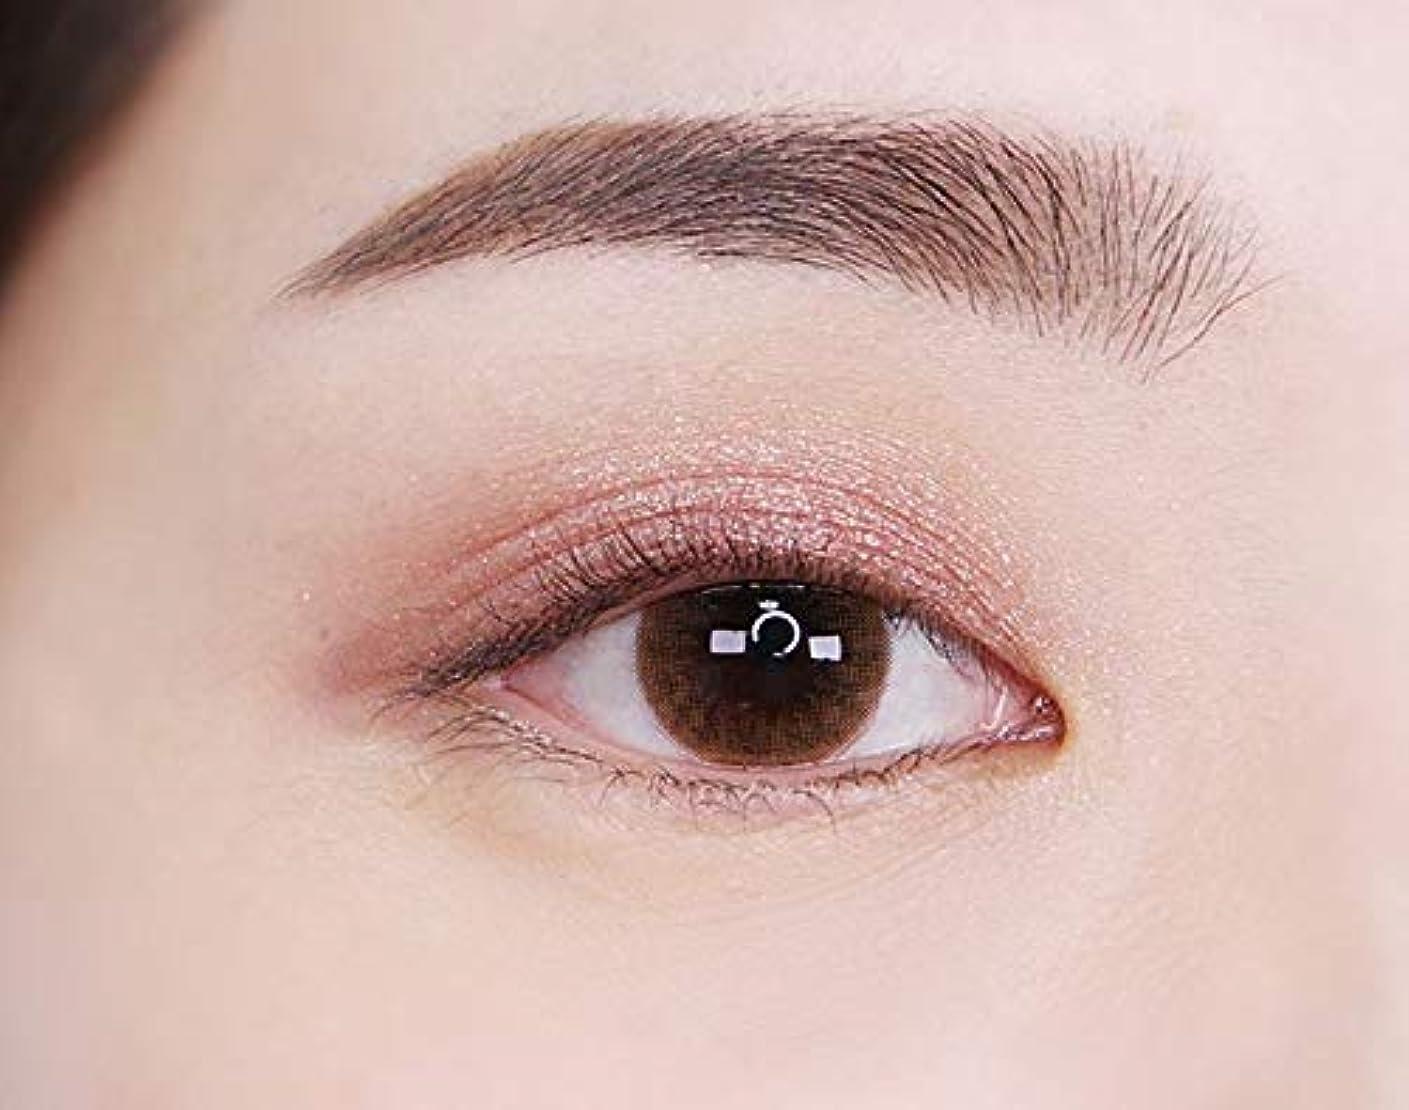 [イニスフリー] innisfree [マイ パレット マイ アイシャドウ (グリッタ一) 5カラー] MY PALETTE My Eyeshadow (Glitter) 5 Shades [海外直送品] (グリッタ一...